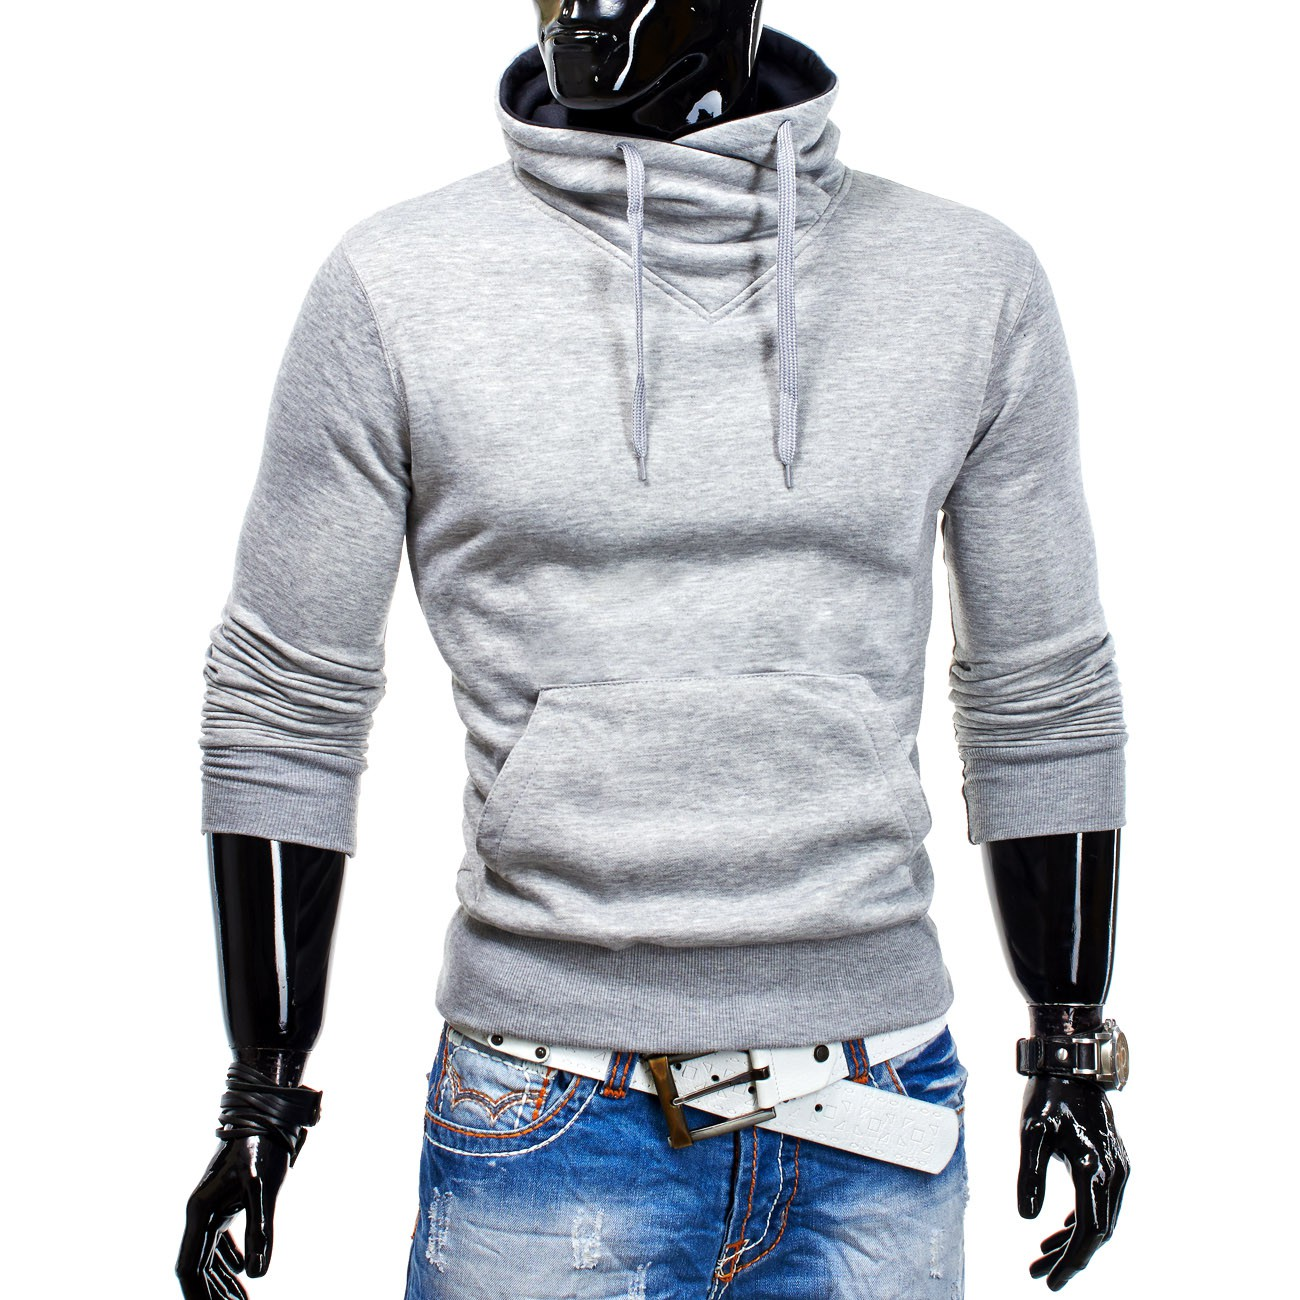 herren pullover watchdog mit kragen id1190 verschiedene. Black Bedroom Furniture Sets. Home Design Ideas